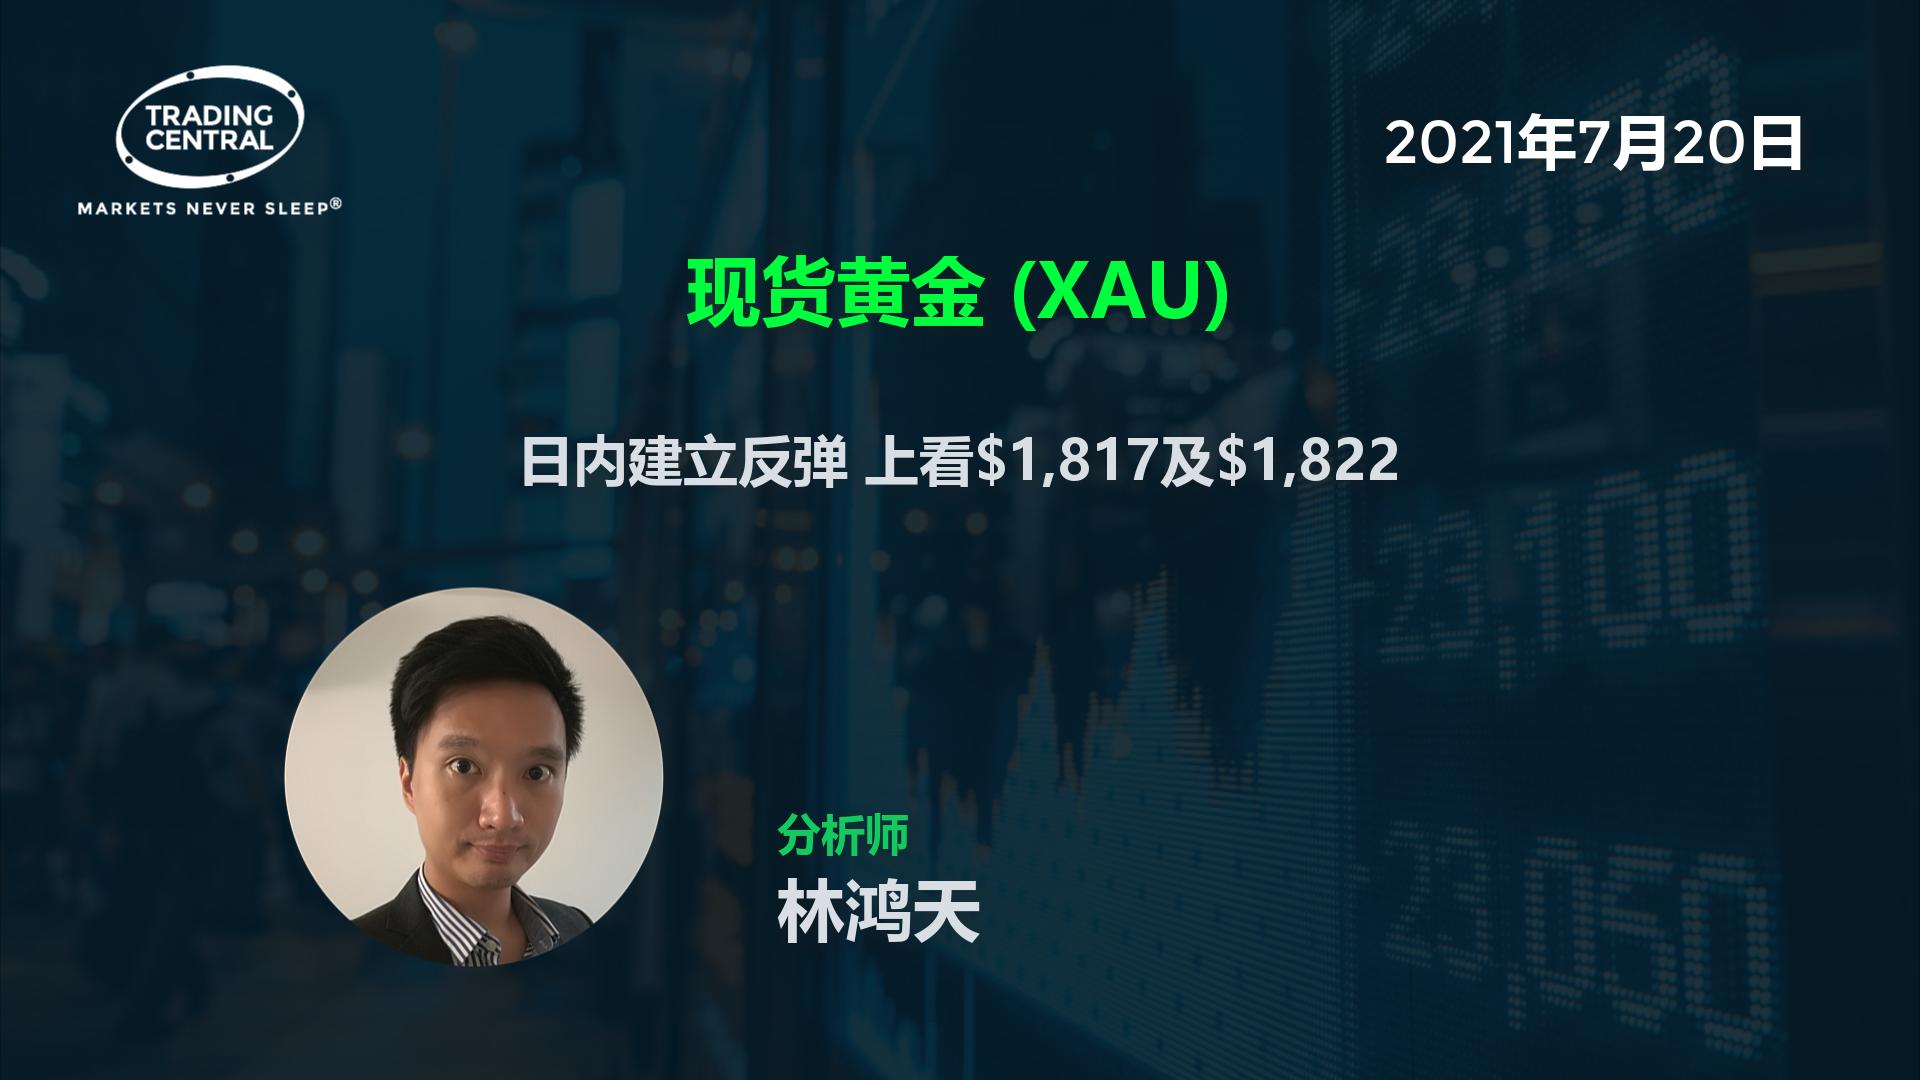 现货黄金 (XAU) - 日内建立反弹 上看$1,817及$1,822